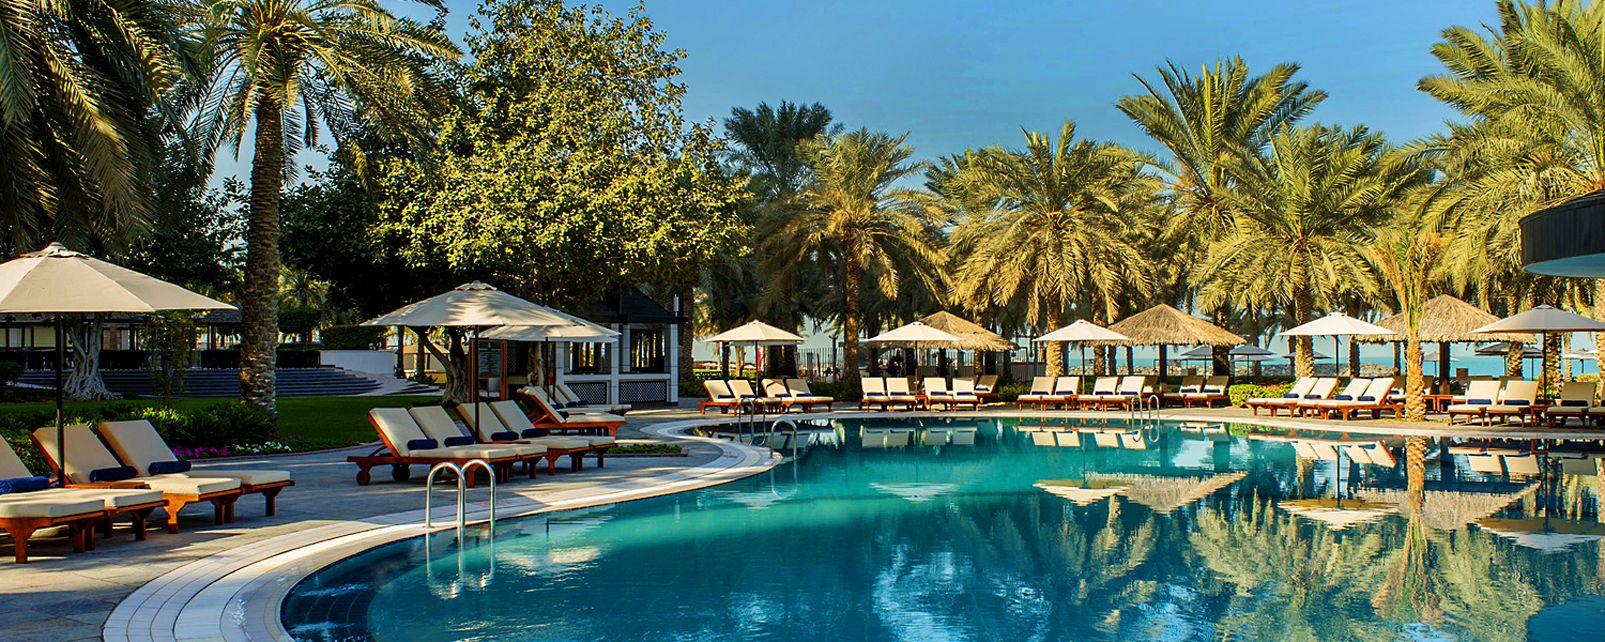 Jbr Beach Dubai Hotels